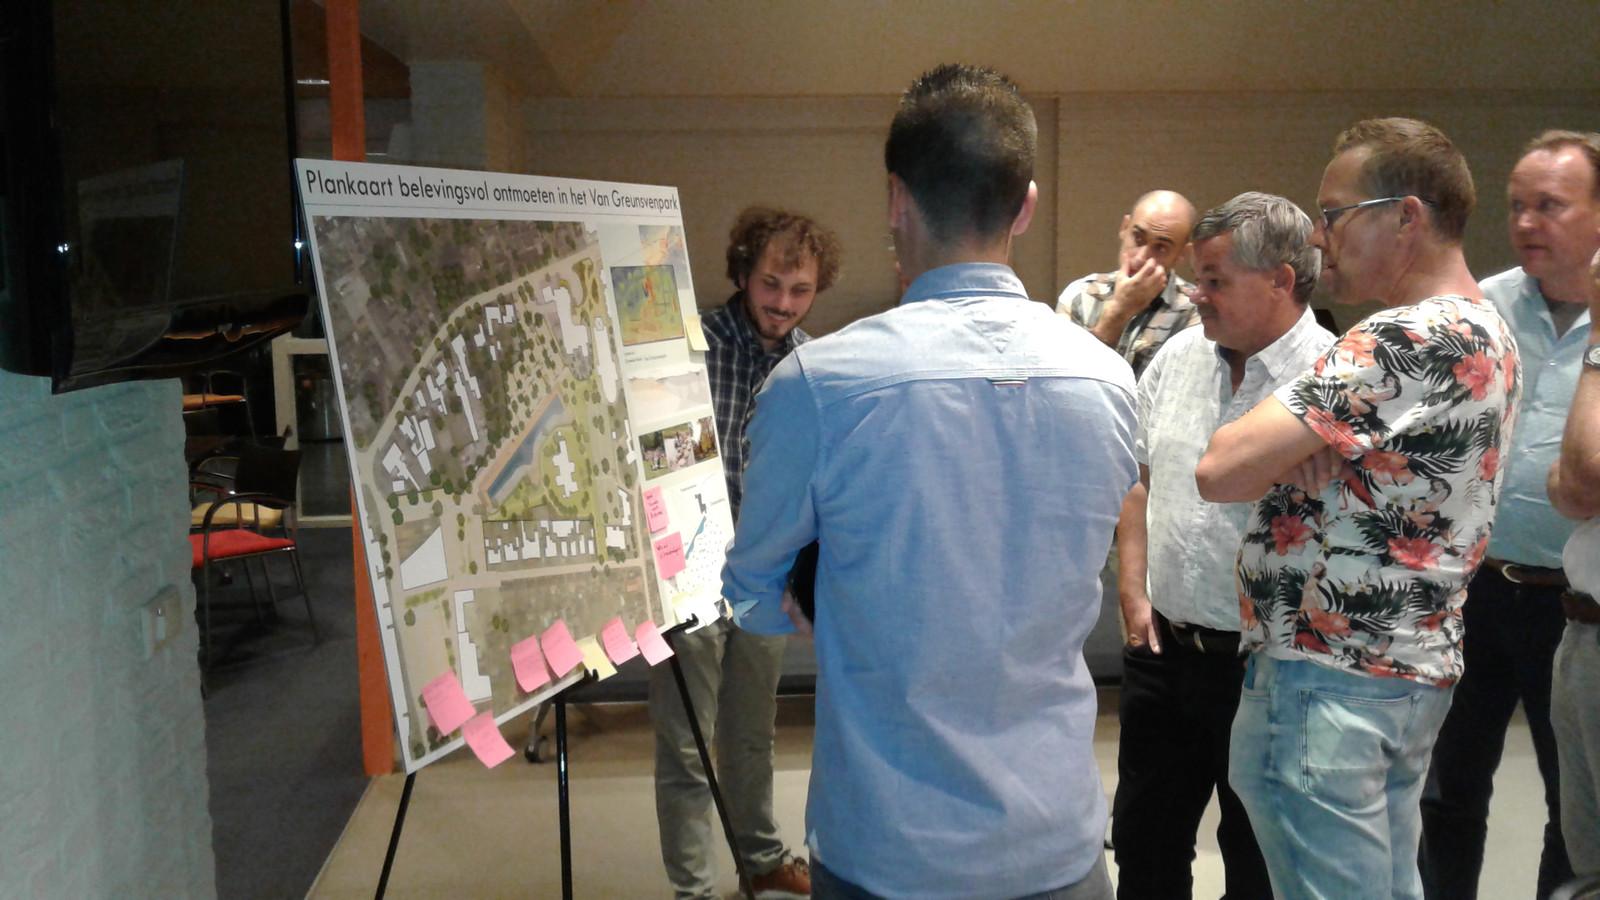 Er waren veel vragen over de herinrichting van het Van Greunsvenpark, maar vooral ze waren vooral opbouwend van aard.